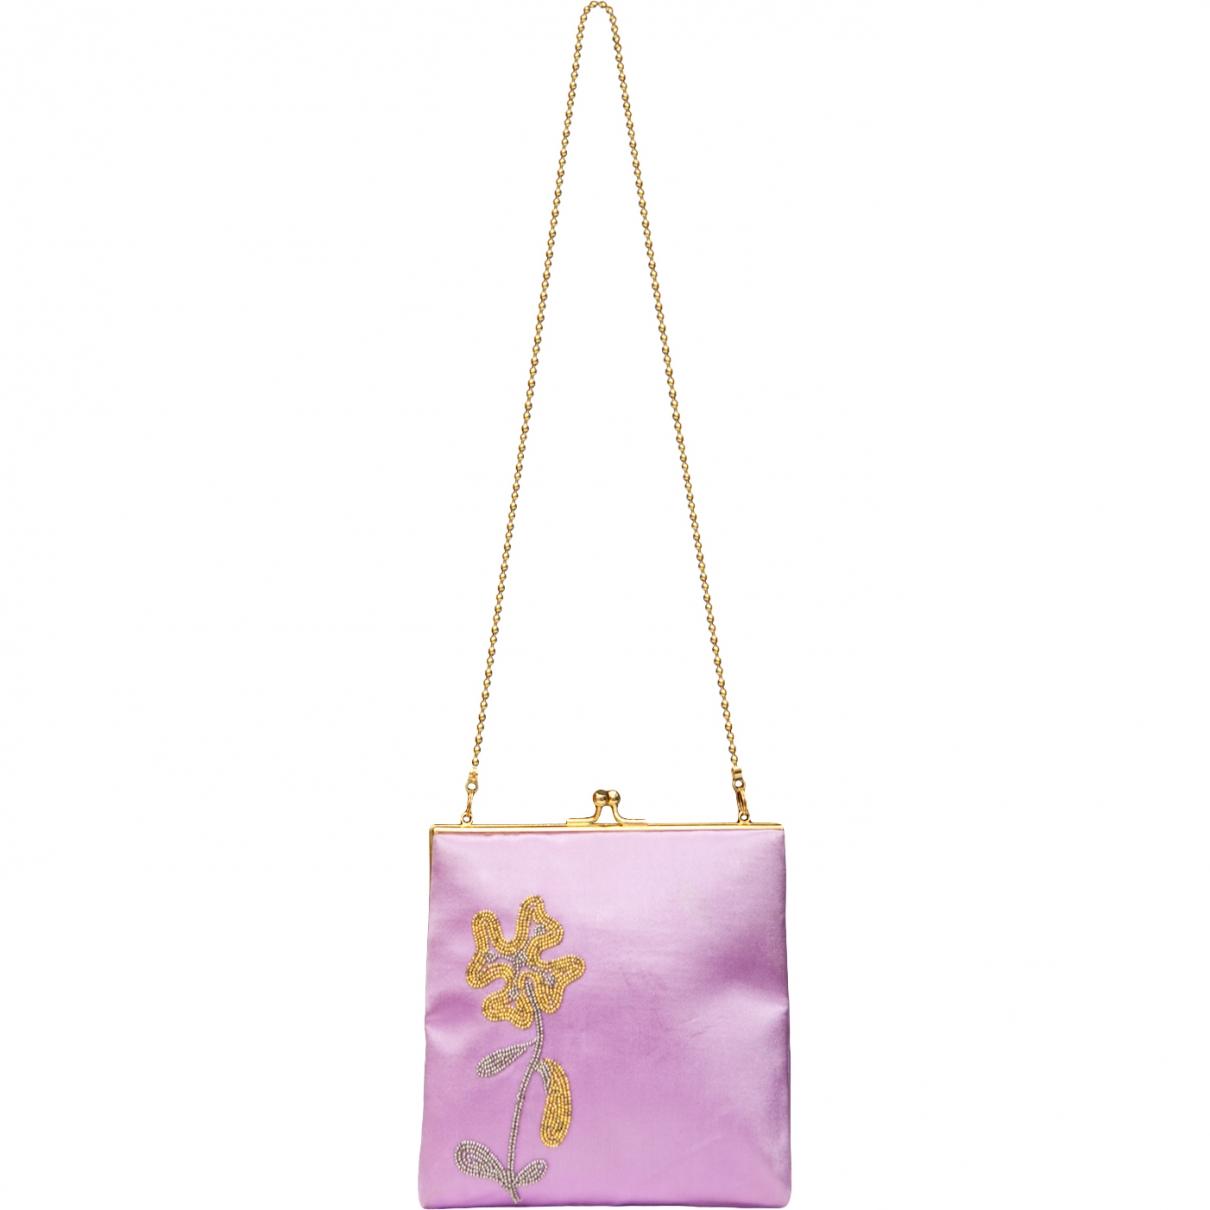 Pierre Cardin \N Handtasche in  Lila Seide